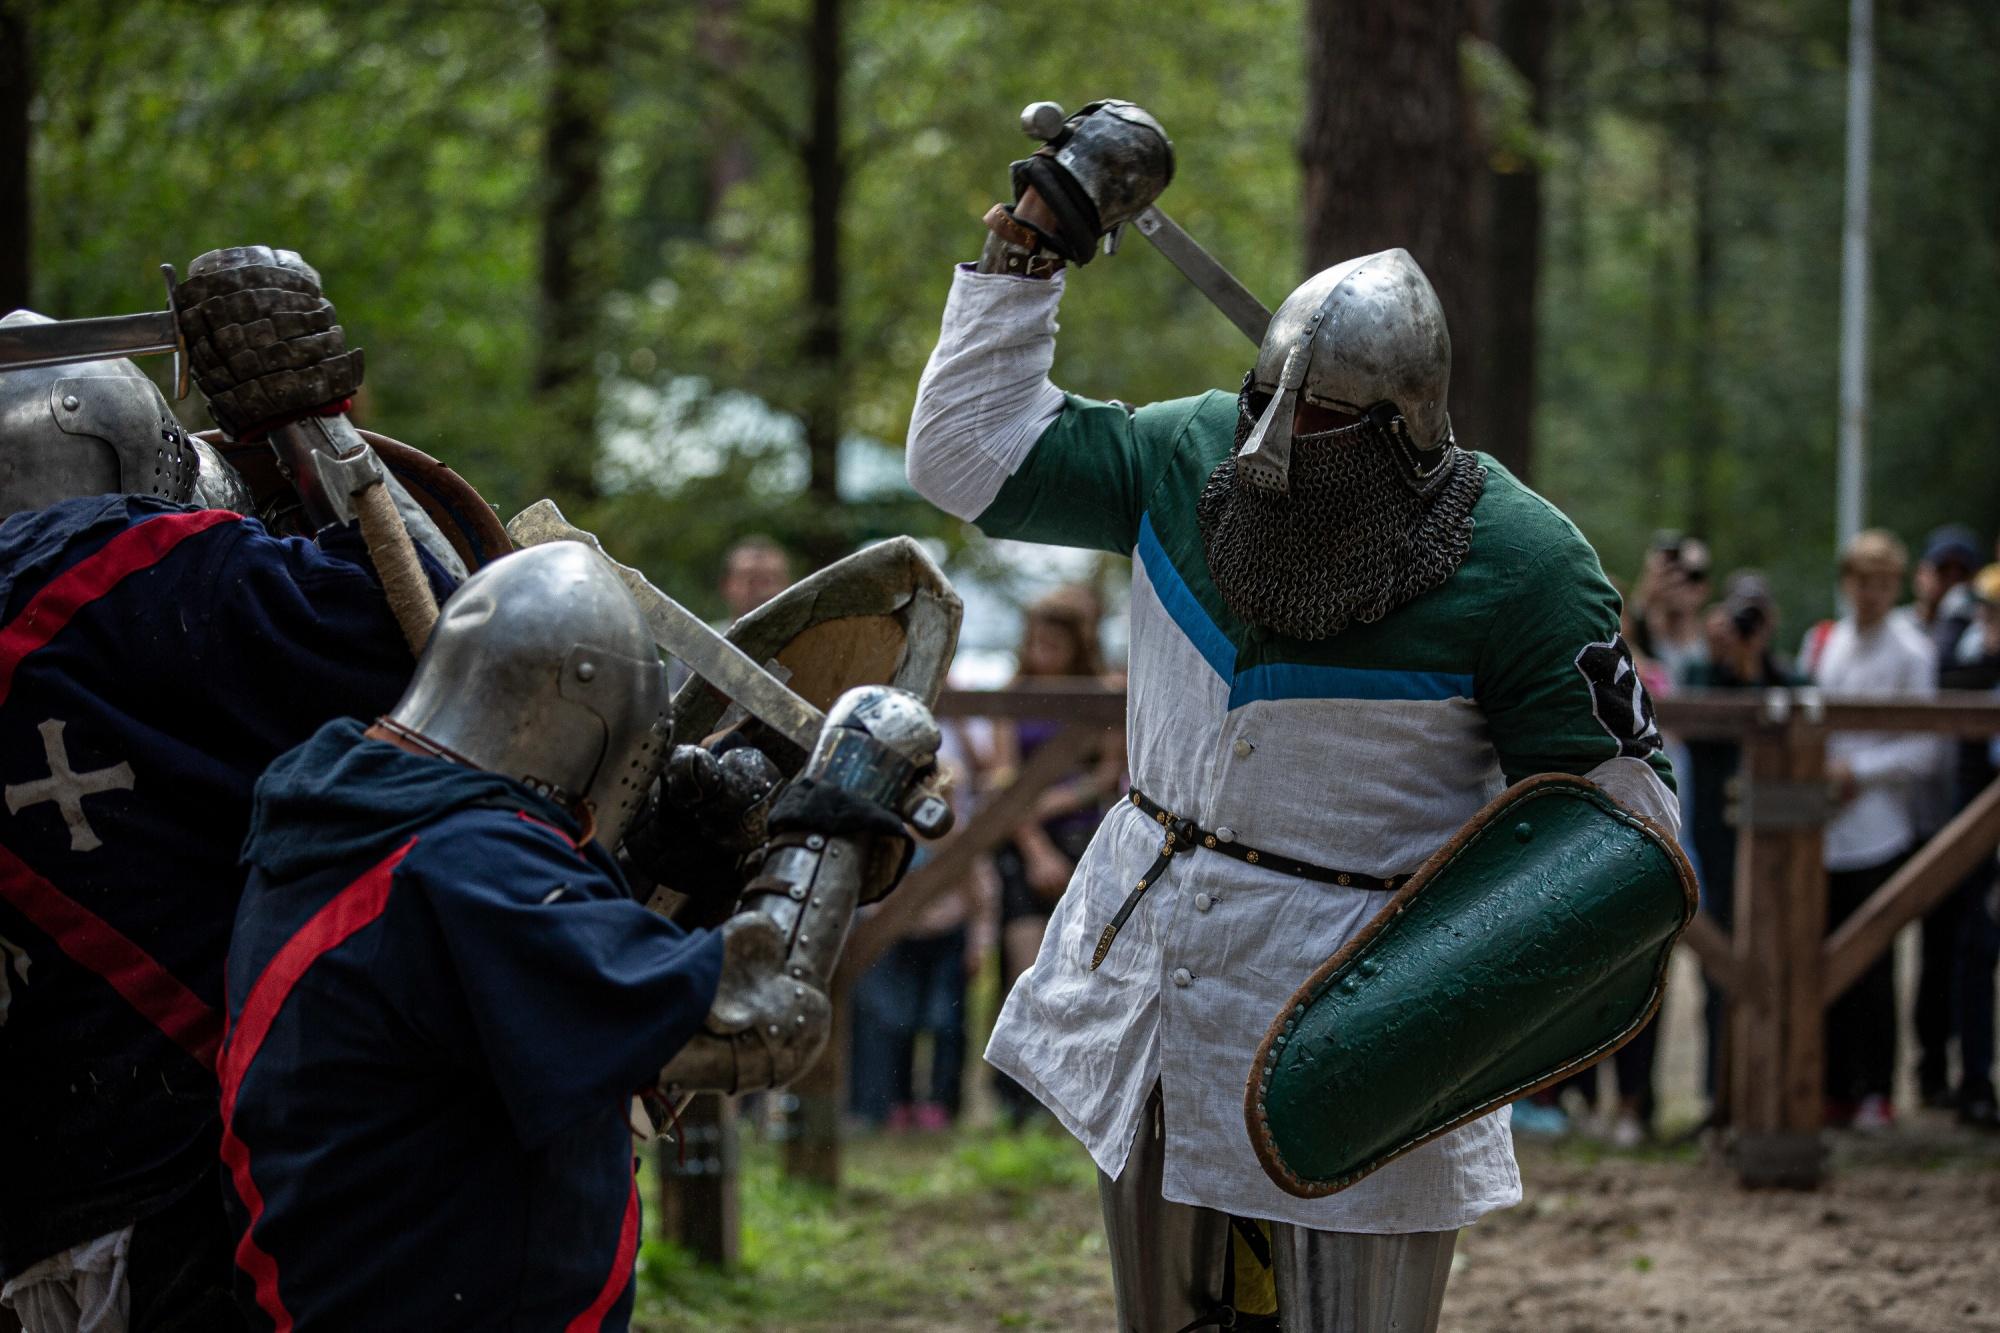 Картинки поединка жюст рыцари средневековья